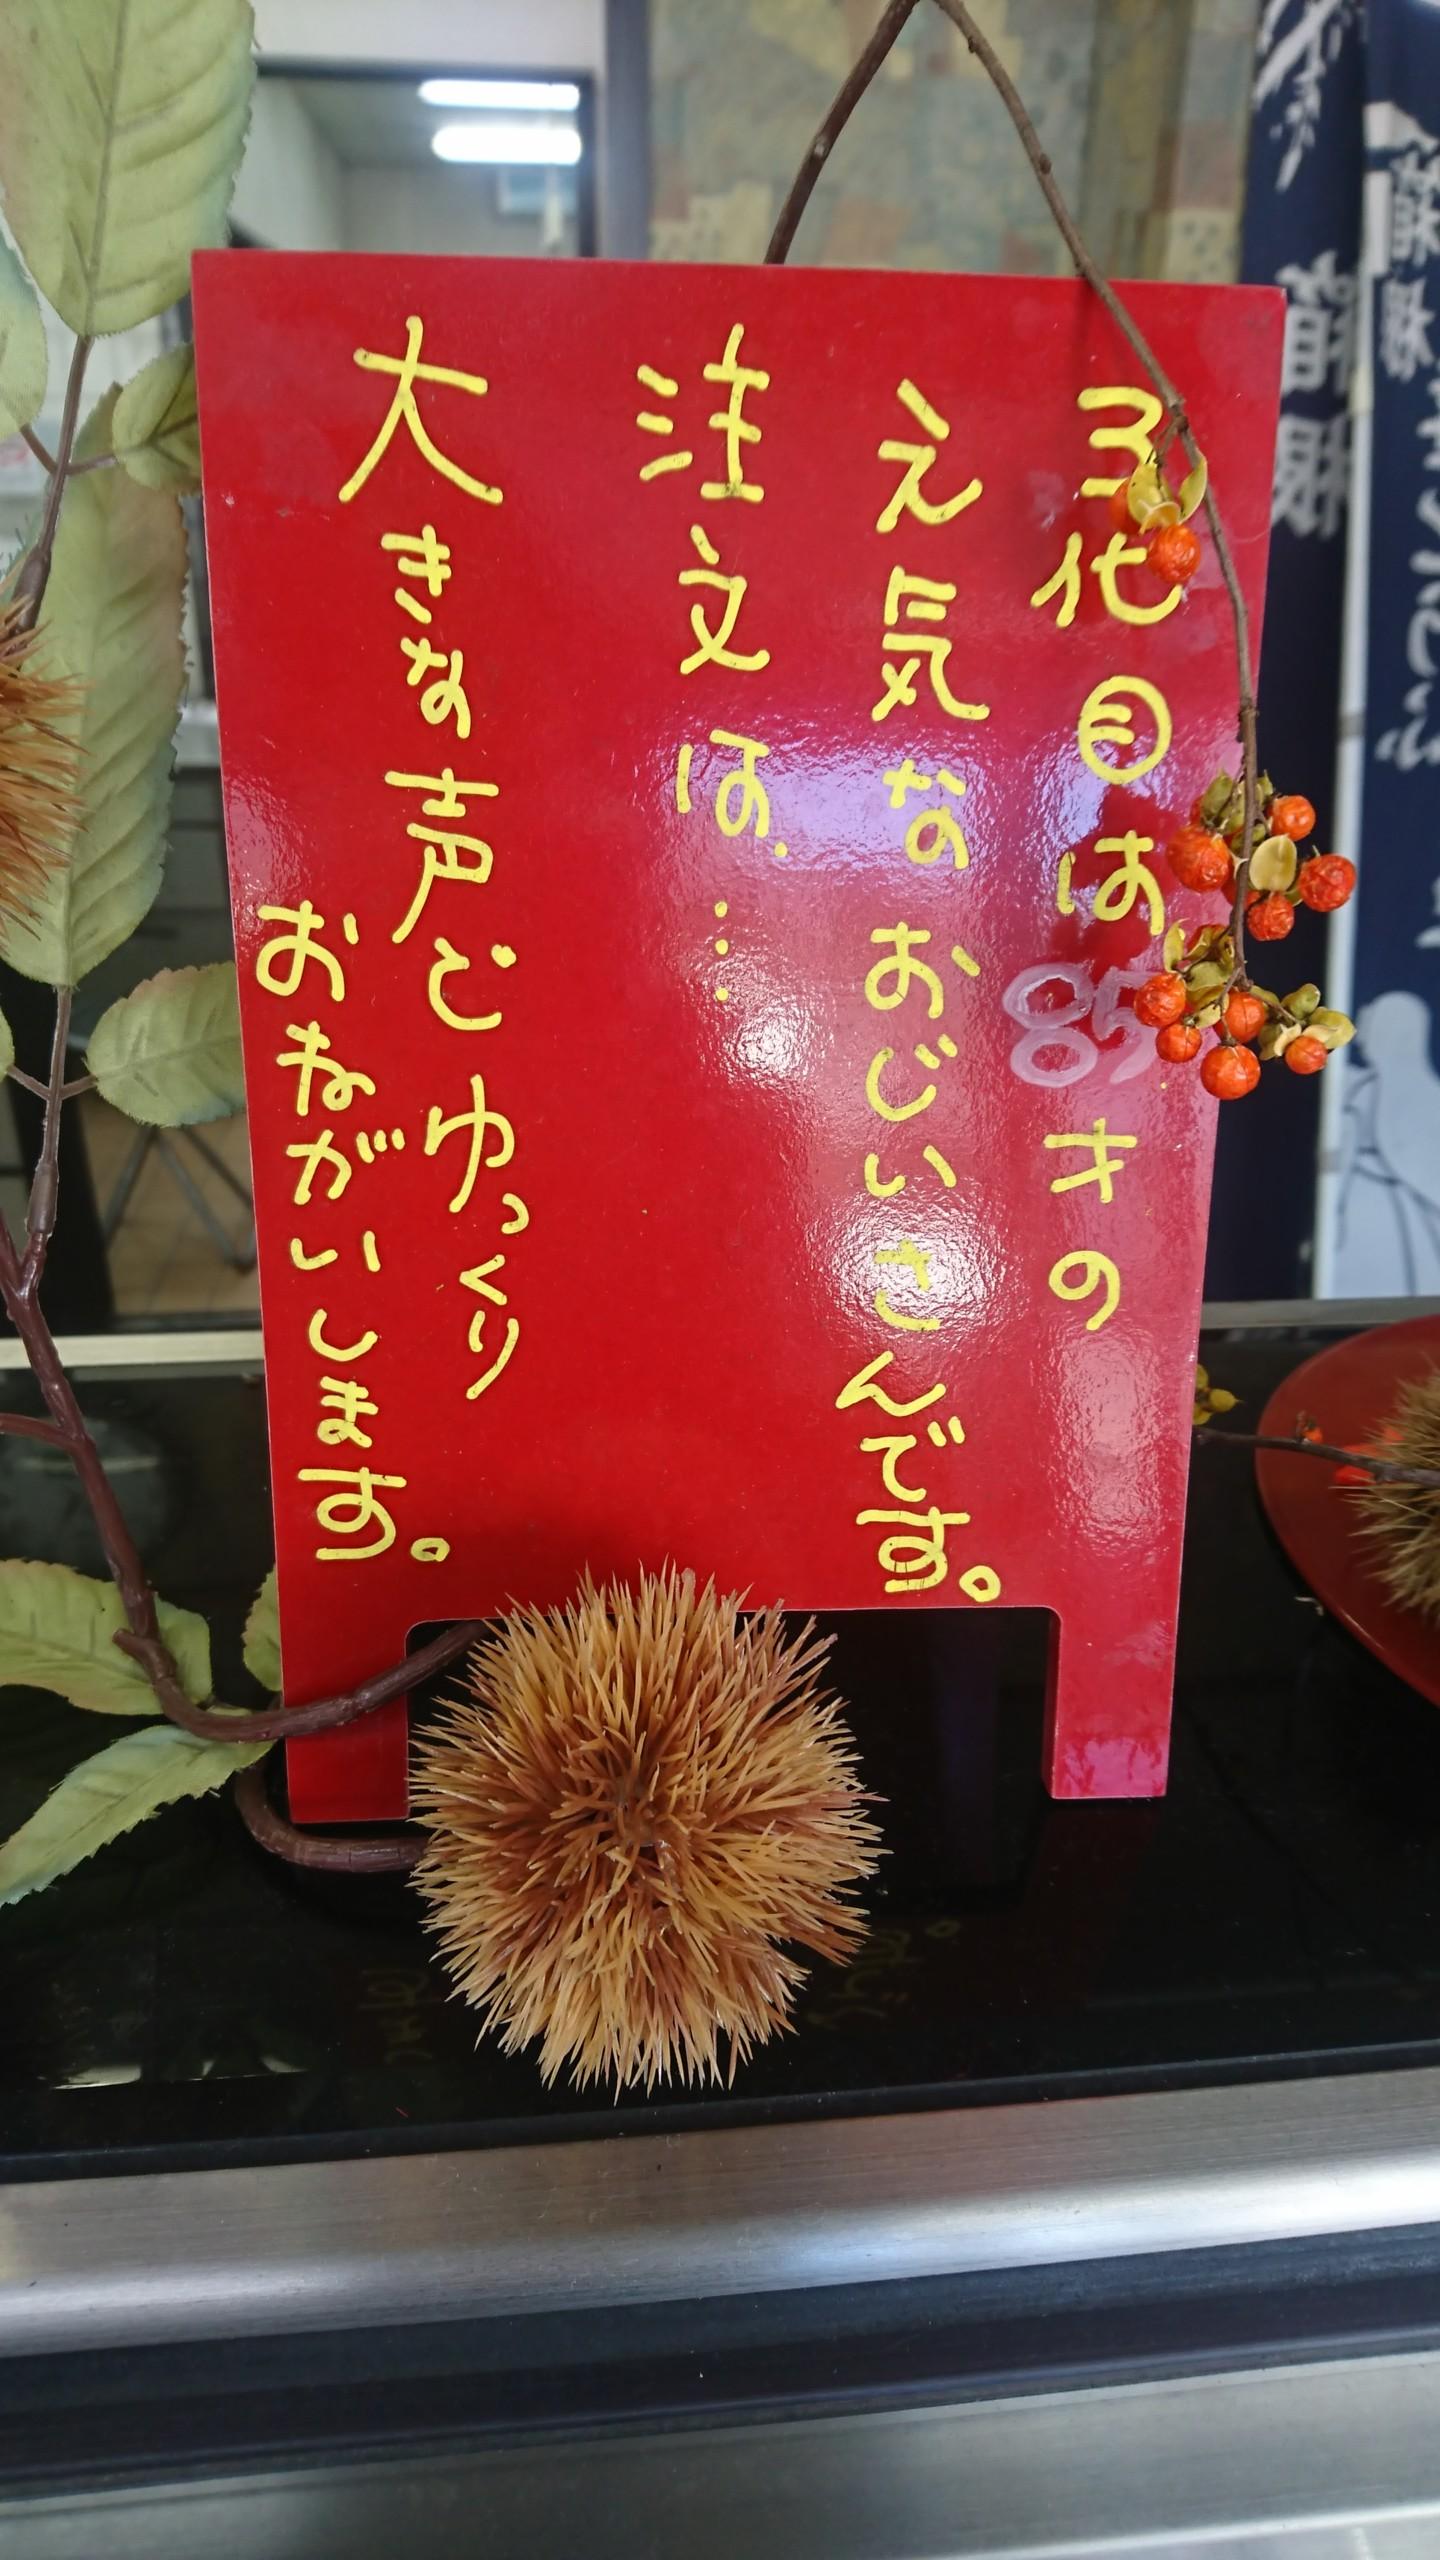 ザ・シークレットスパ・箱根翡翠 箱根仙石原のスパ&マッサージサロン